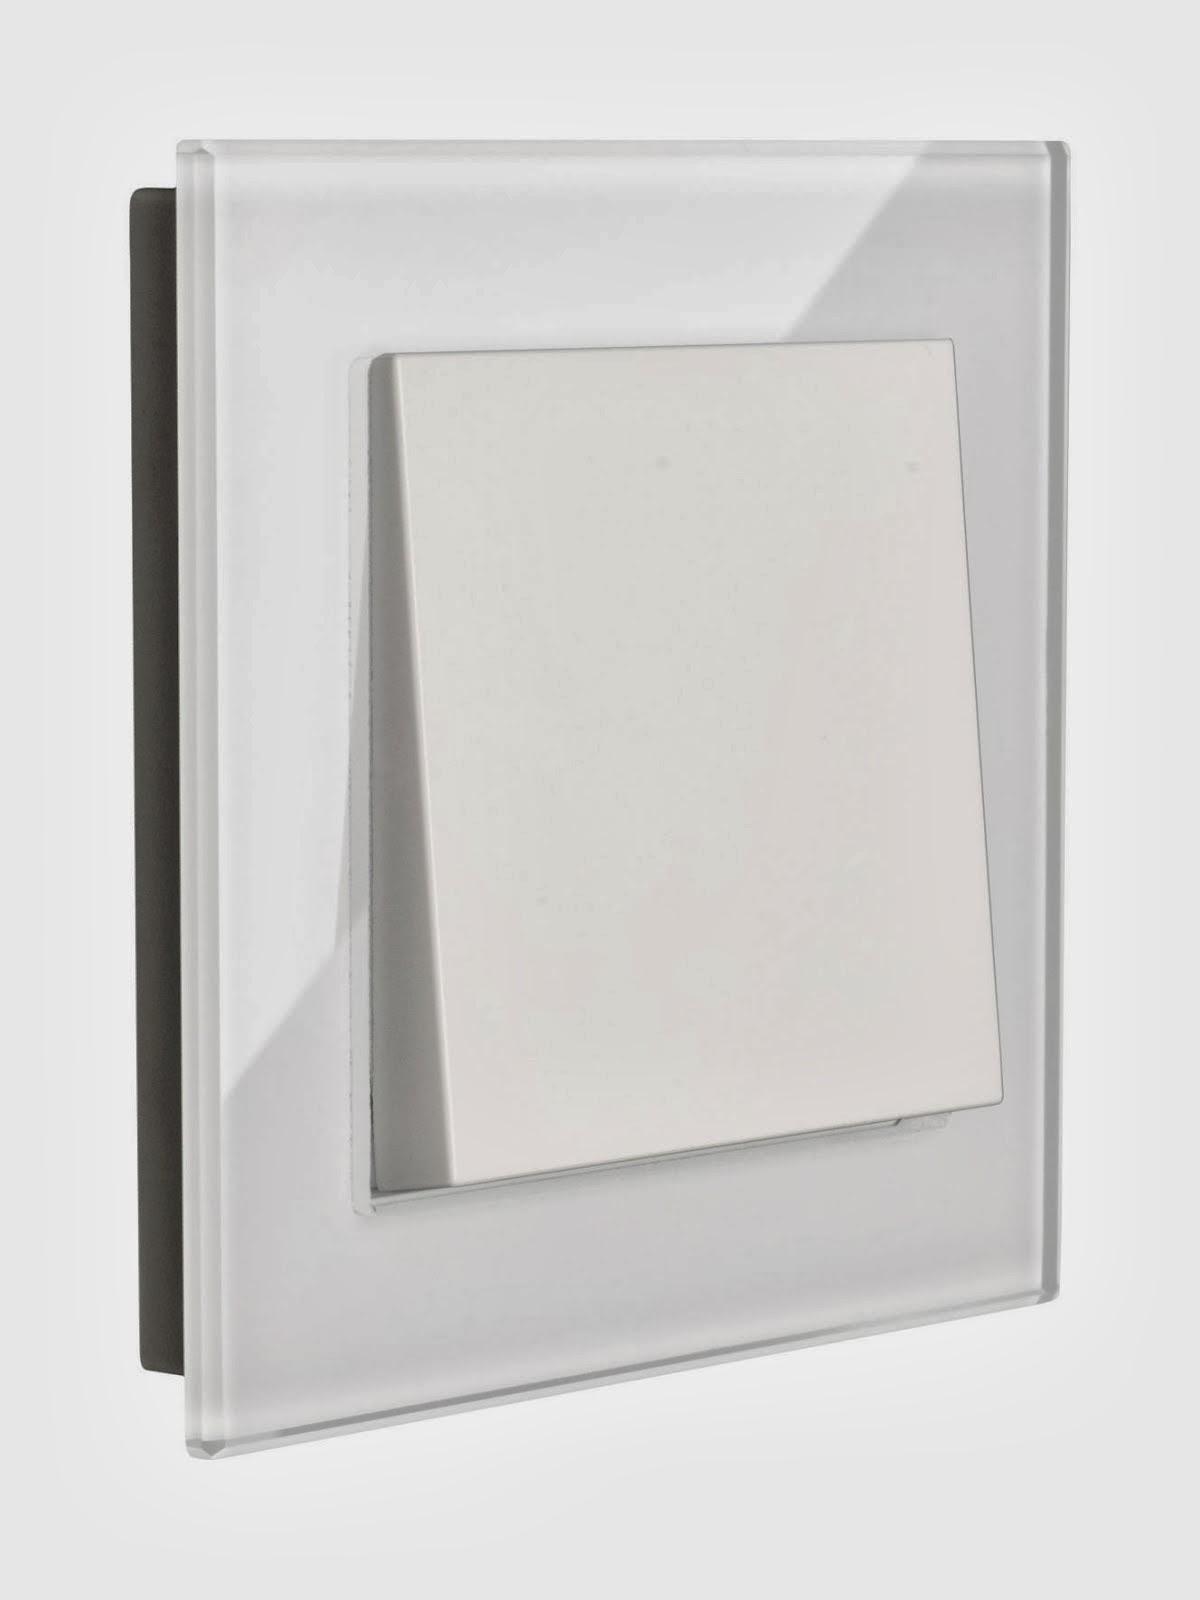 Lichtschalter Mit Beleuchtung Ediziodue Druckschalter